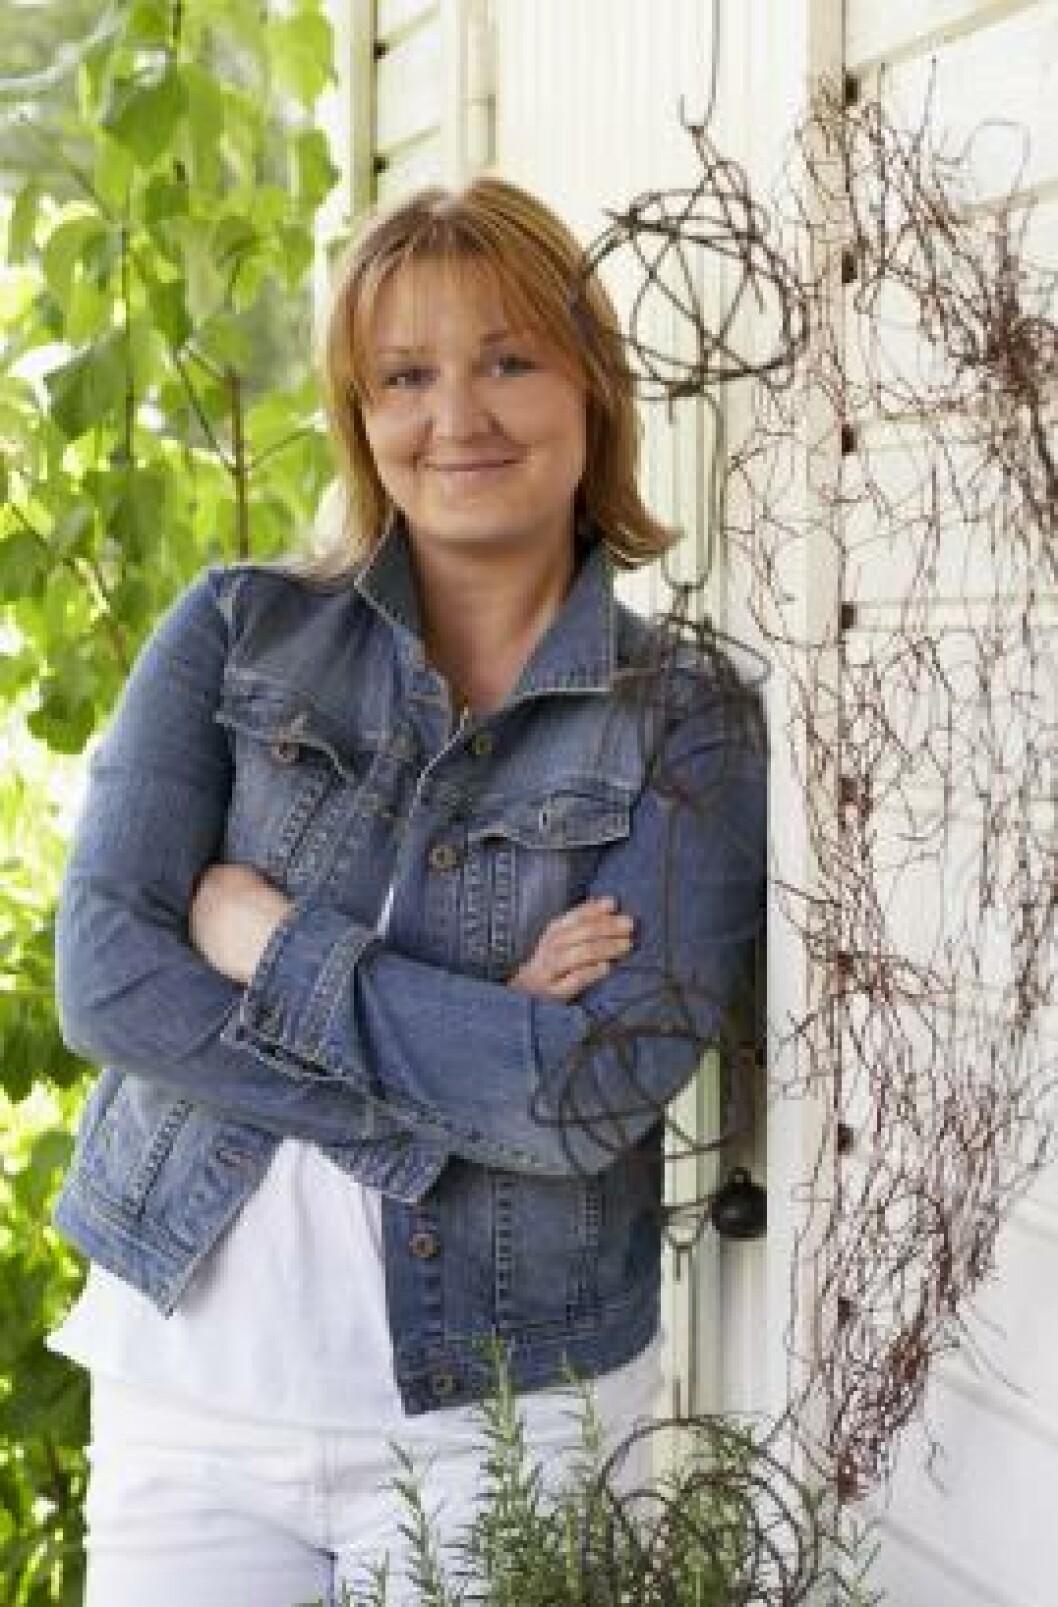 <strong>DRIFTIG DAME:</strong> Sofia Granath (35) er legesekretær og tingleter.  FOTO: House of pictures